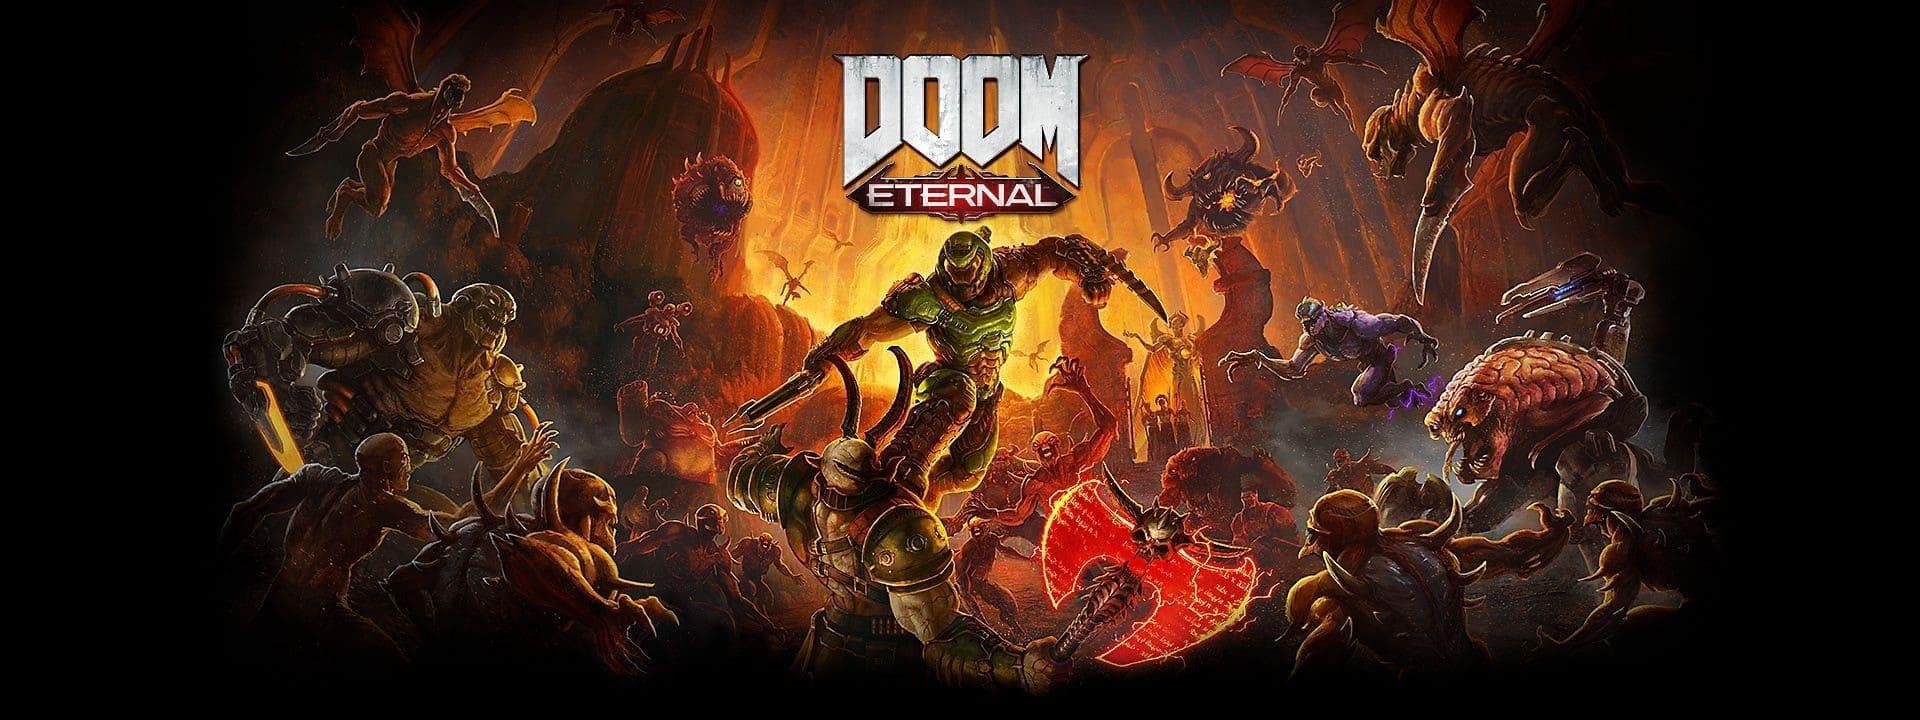 Doom Eternal: Virtuos의 아트작업과 함께 성공적 출시